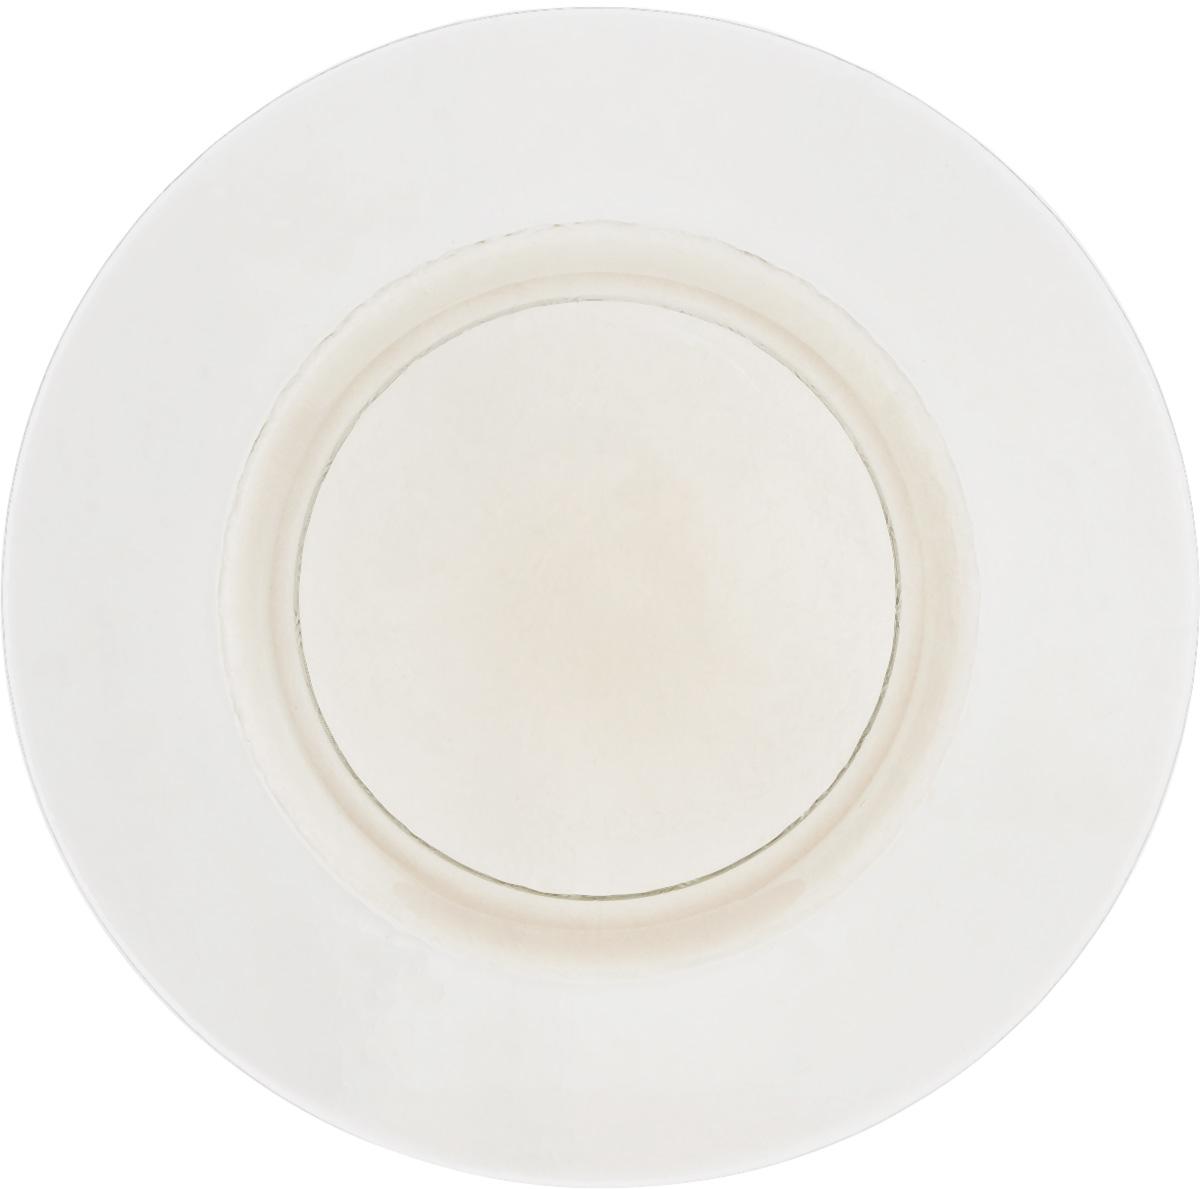 Тарелка NiNaGlass Богемия, цвет: прозрачный, диаметр 32,5 см83-056-Ф320 СМОКИТЕРМТарелка NiNaGlass Богемия выполнена из высококачественного стекла. Она прекрасно впишется в интерьер вашей кухни и станет достойным дополнением к кухонному инвентарю. Не рекомендуется использовать в микроволновой печи и мыть в посудомоечной машине.